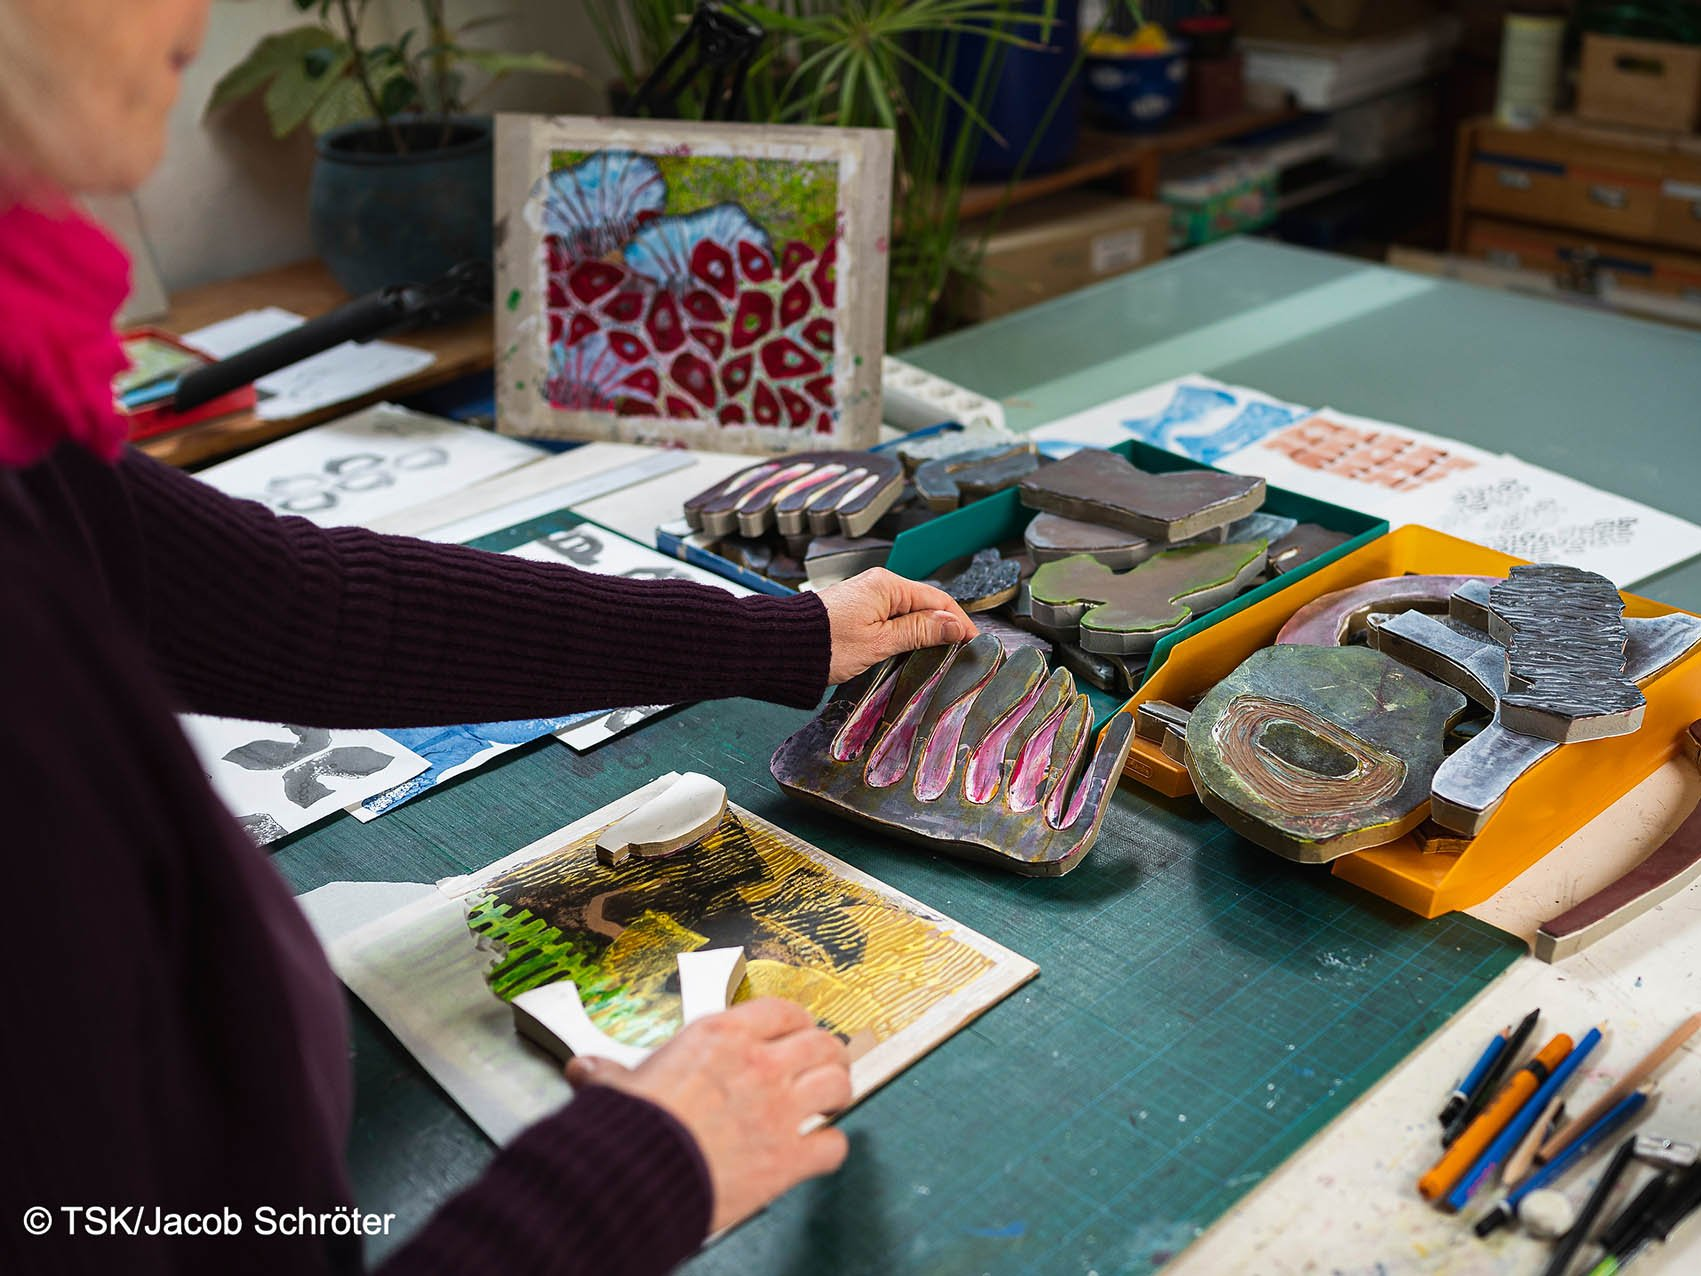 Die Künstlerin Sibylle Reichel schafft mit der Handdrucktechnik ein neues Werk